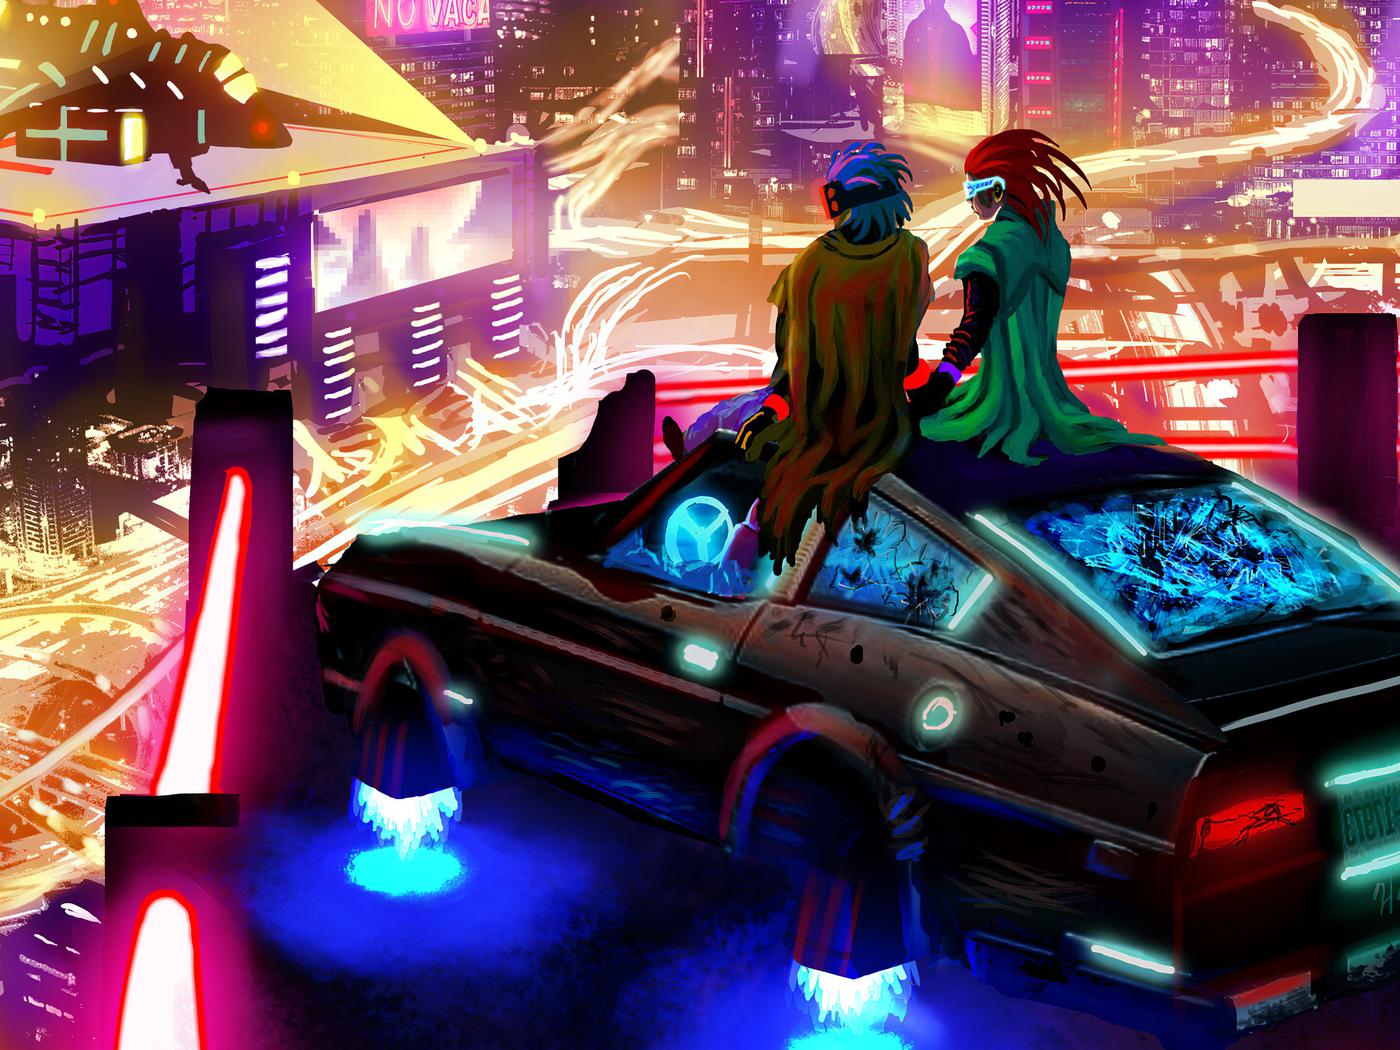 cyberpunk-date-hs.jpg